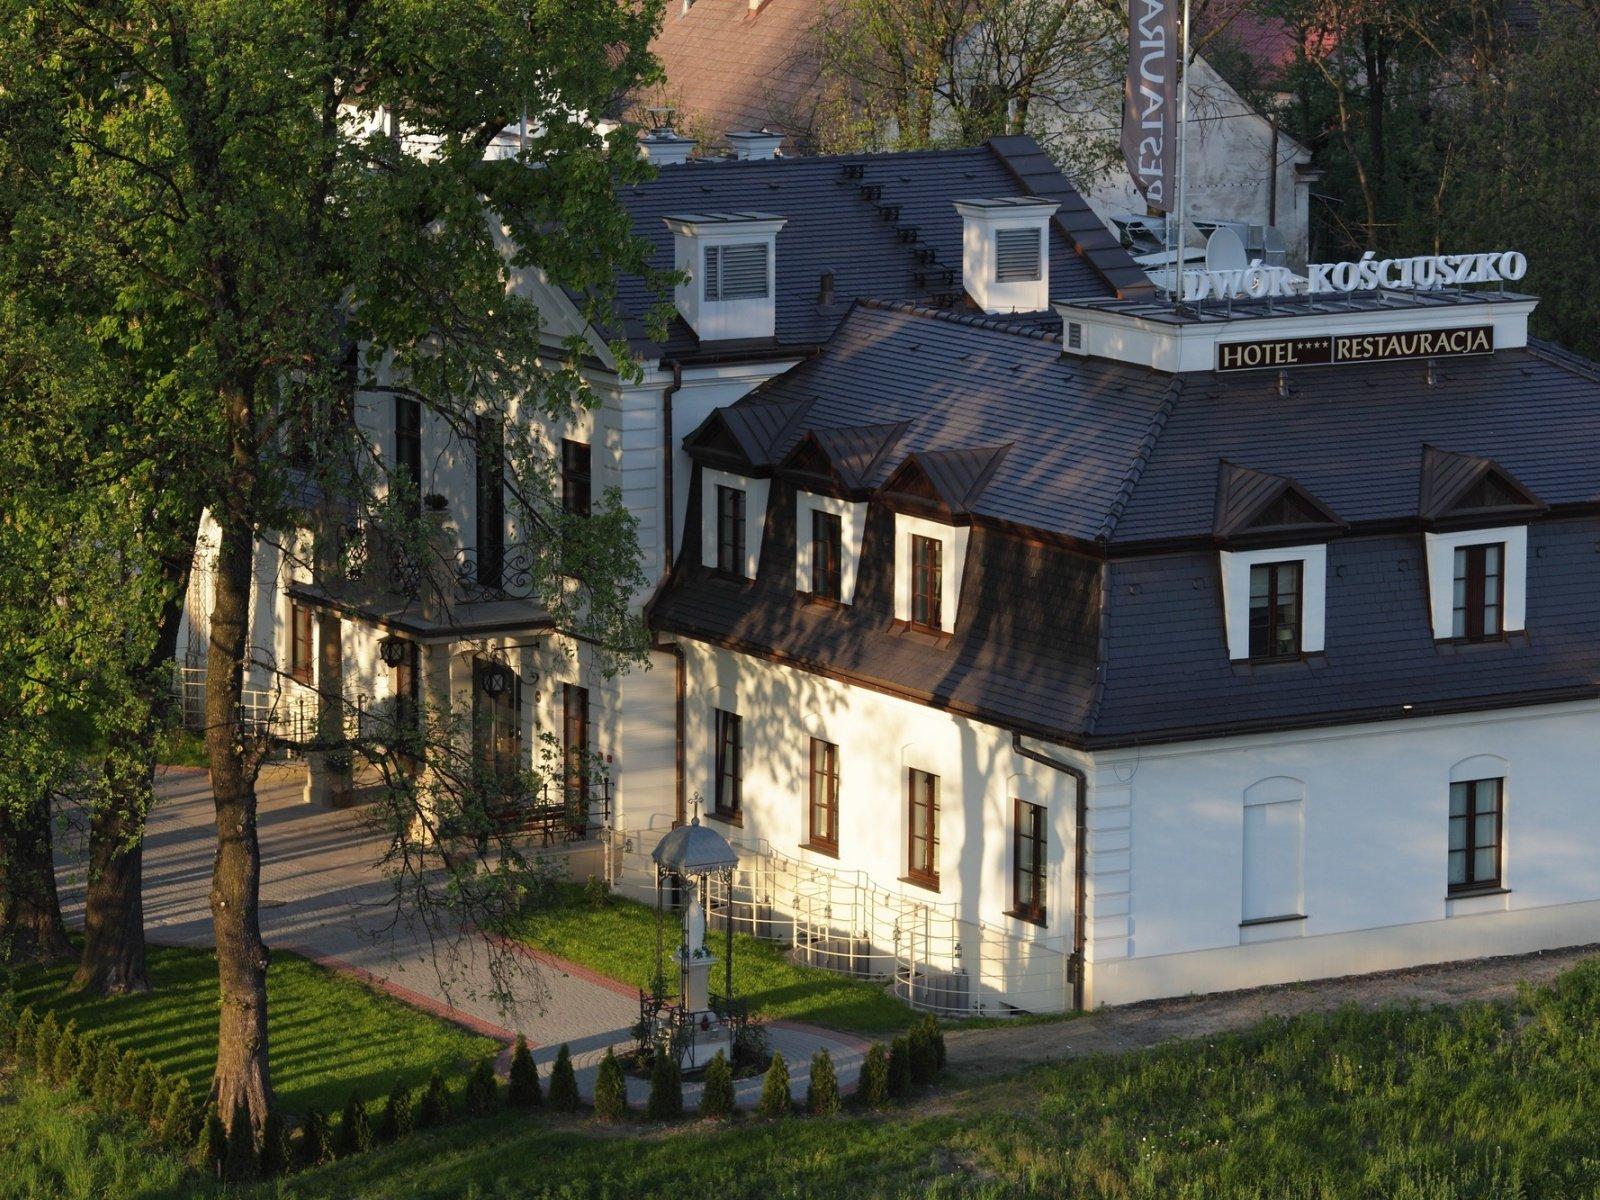 Hotel kościuszko hotele donimirski